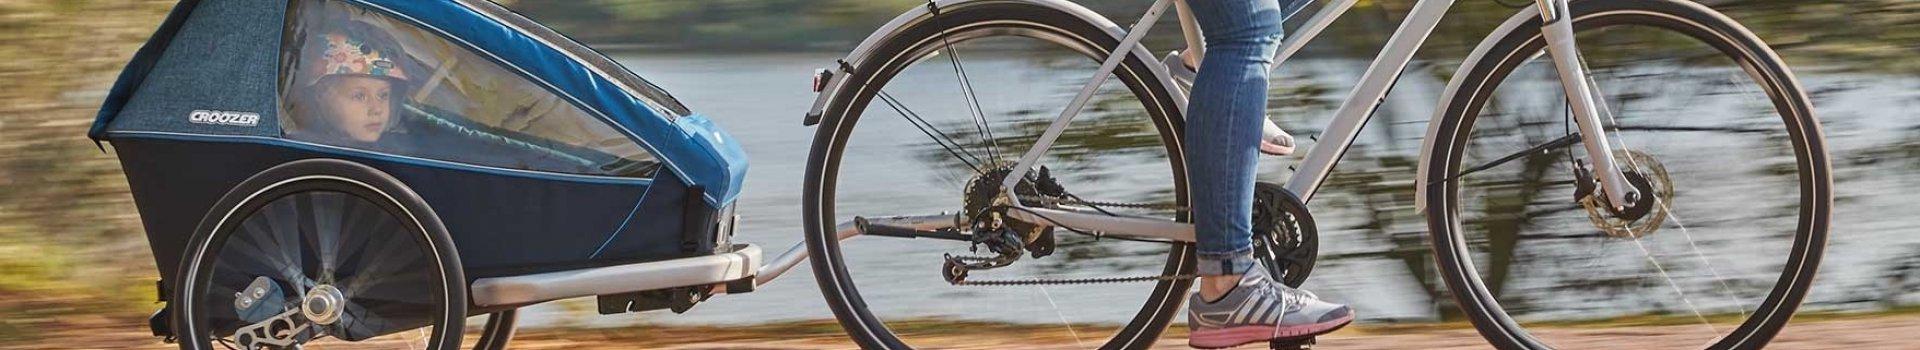 Przyczepki rowerowe Croozer - wygodne podróże od urodzenia!